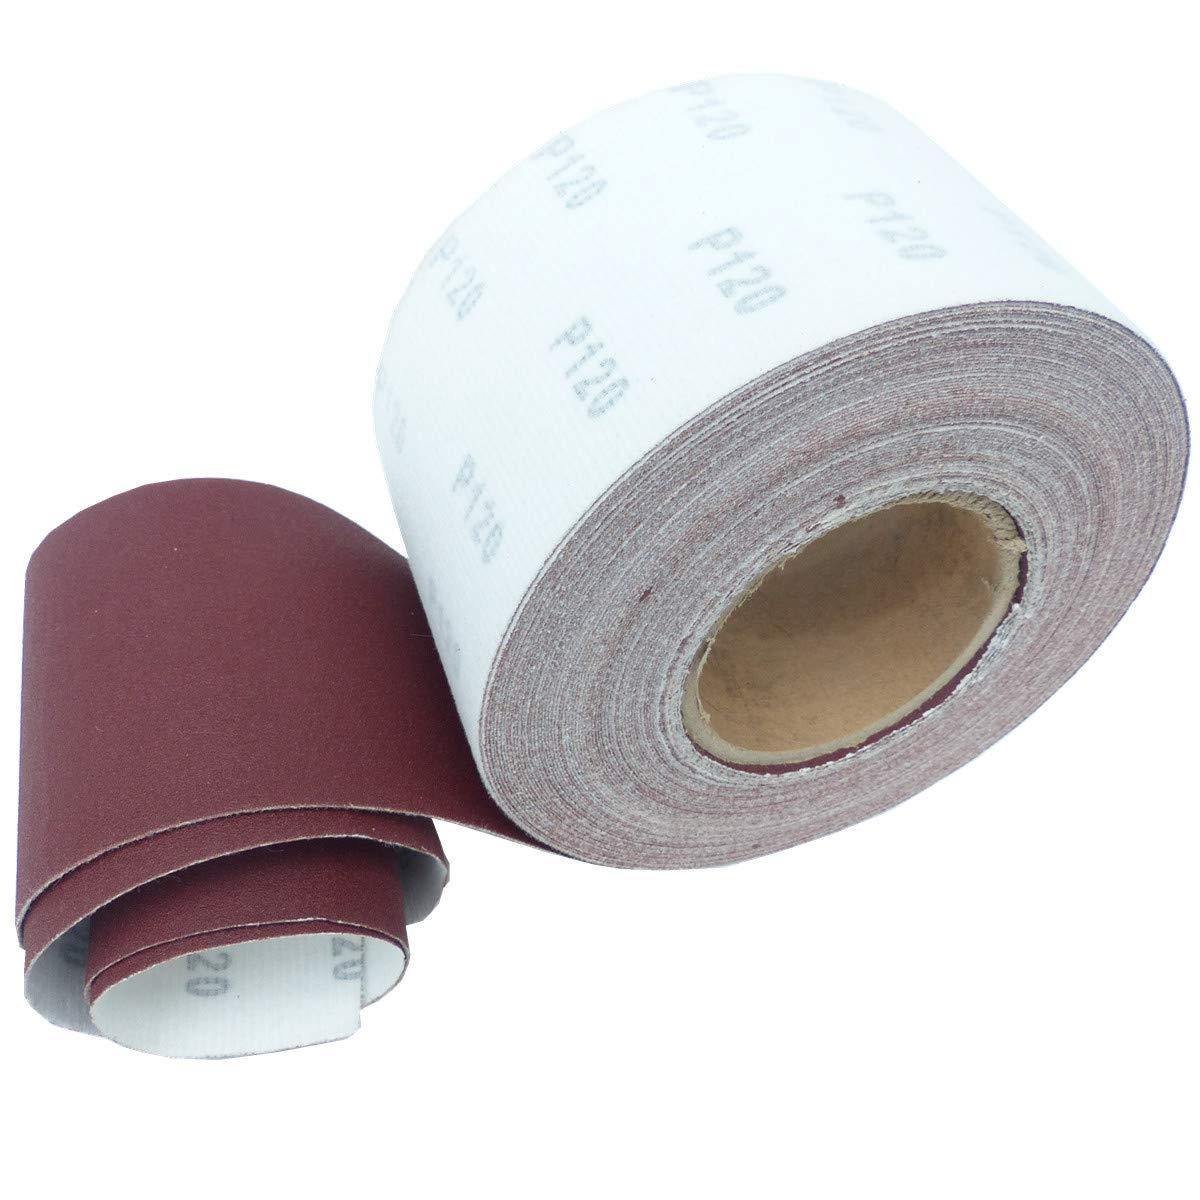 25m KLETT Schleifpapier Rolle 93mm X 25m Korn P180 Schleifband Schleifrolle Rollenschleifpapier BOHRFUX